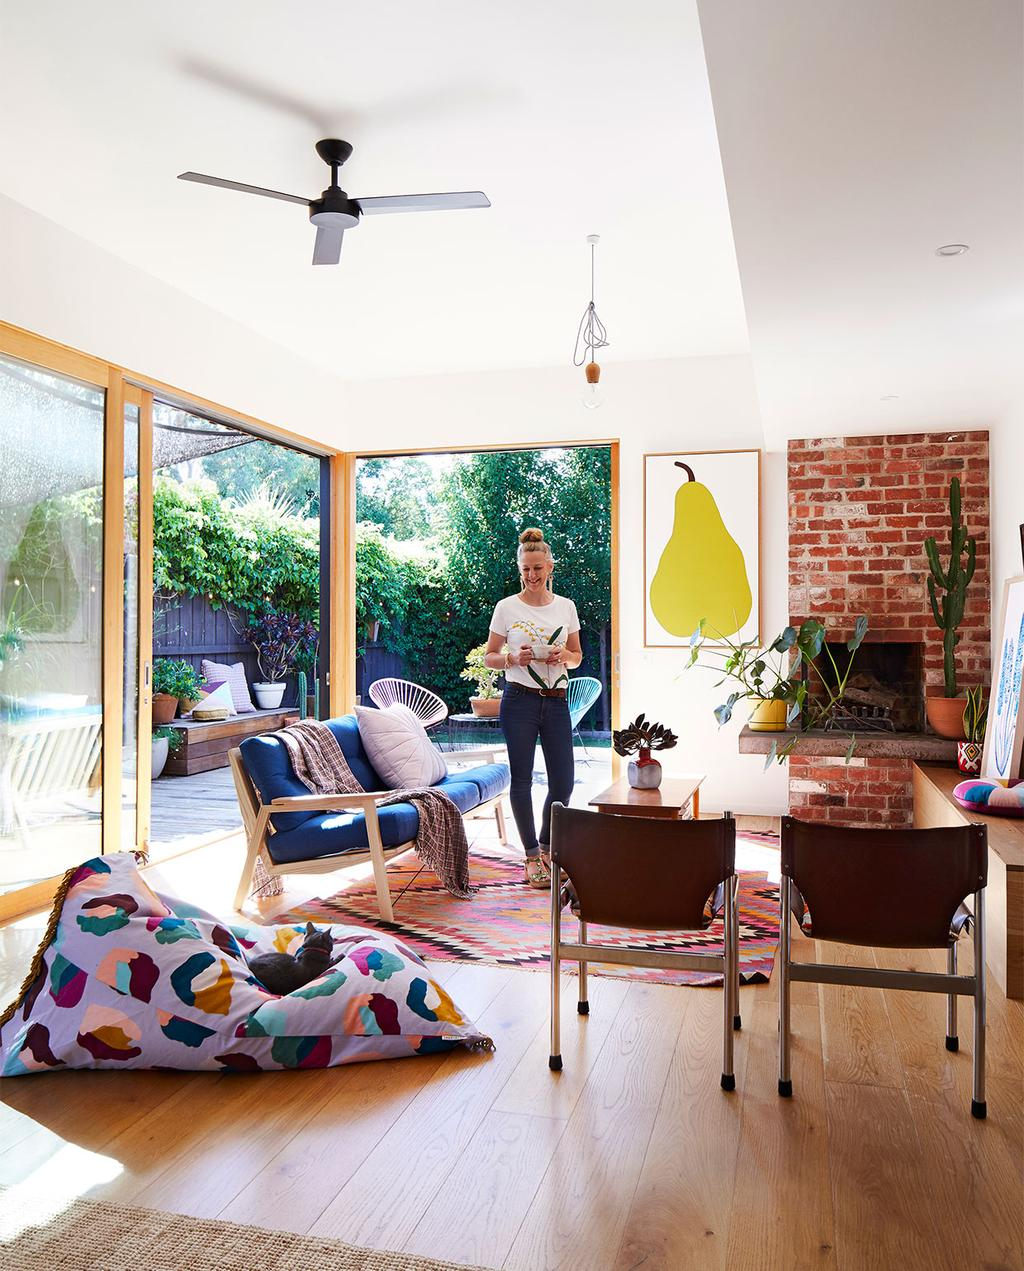 vtwonen binnenkijk special zomerhuizen 07-2021 | zitzak en een groot schilderij van een peer in de woonkamer